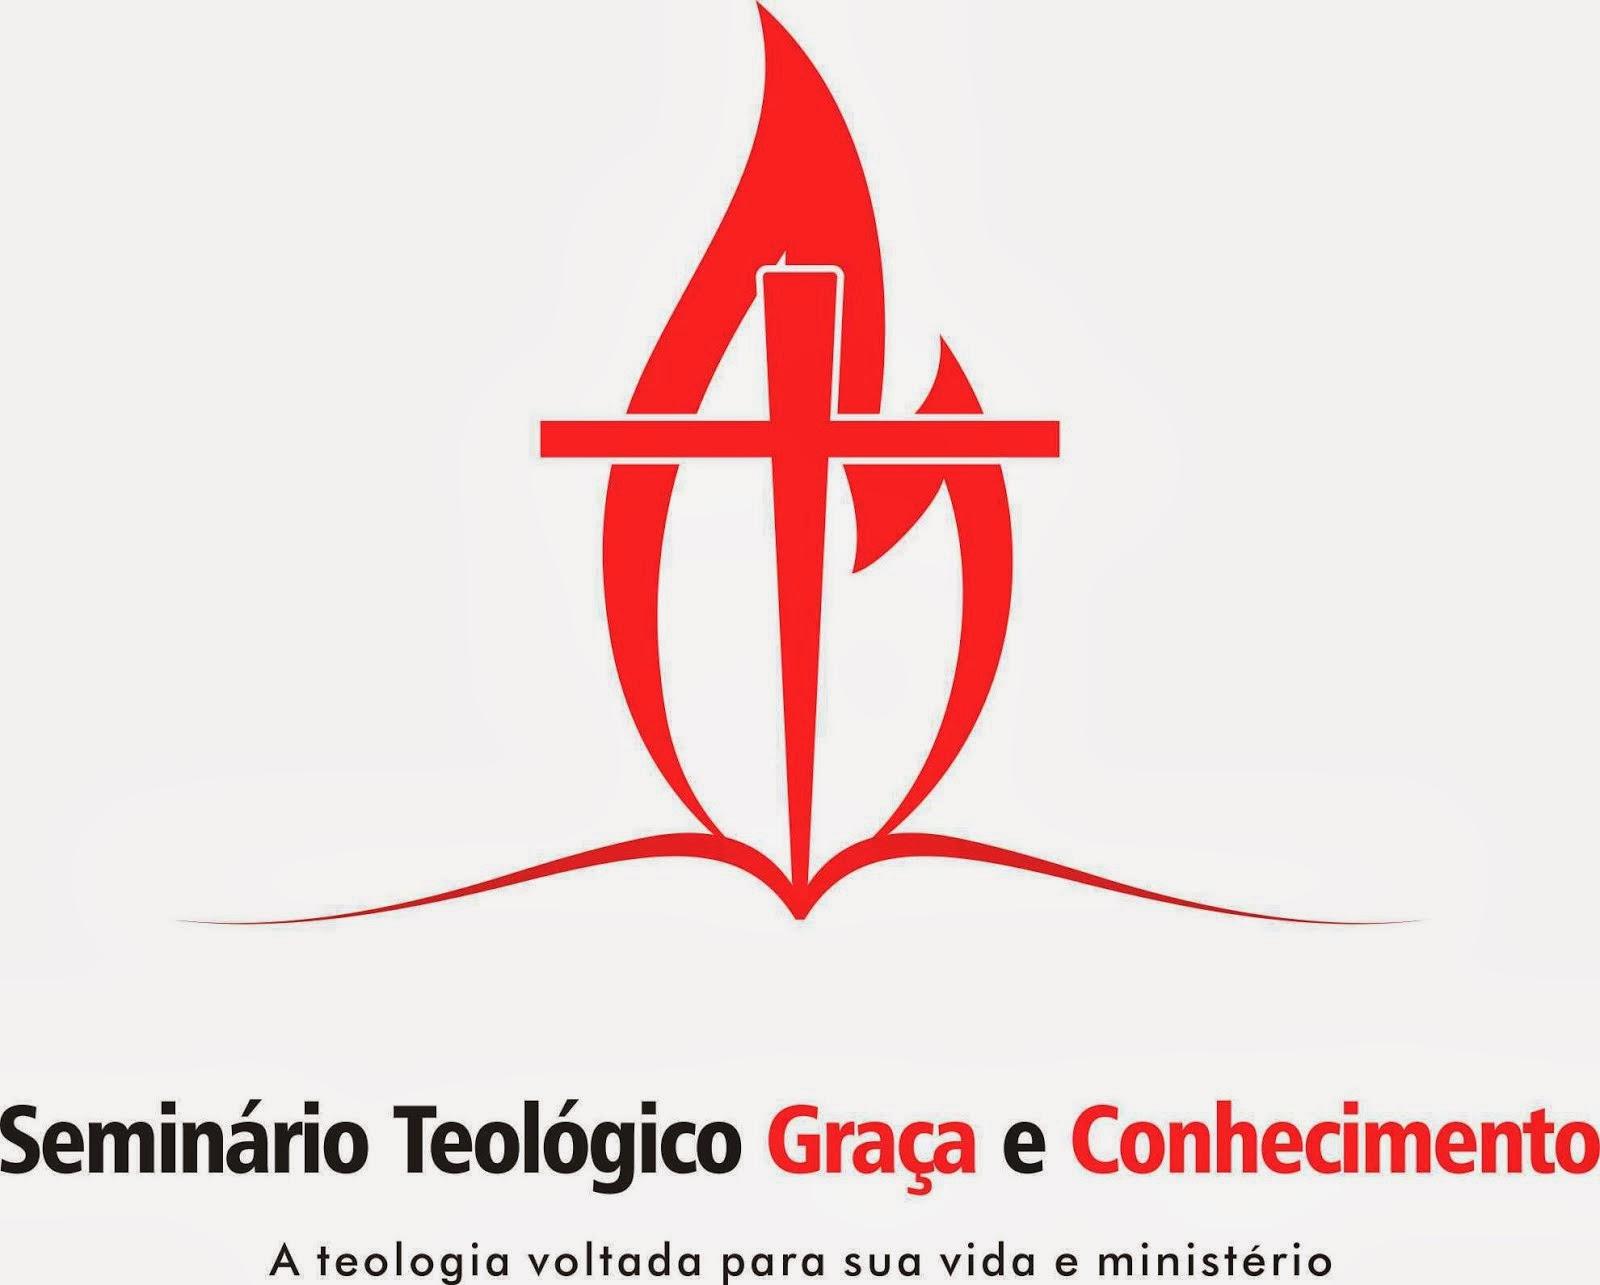 Seminário Teológico Graça e Conhecimento